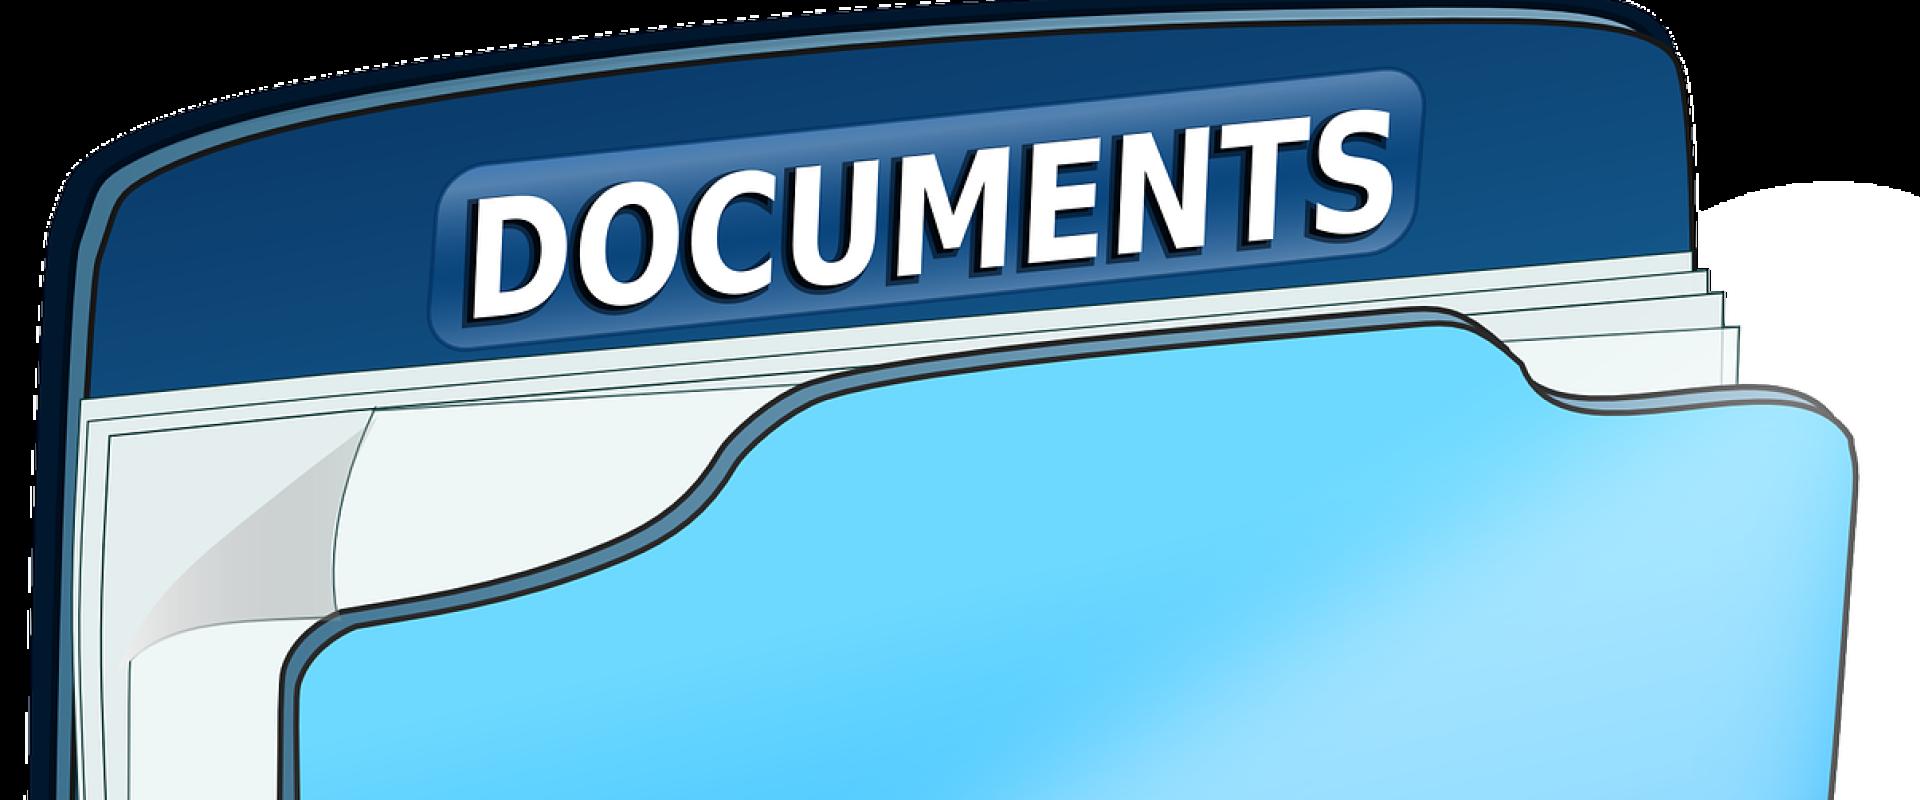 Documentbeheer, de beste aanpak per norm ISO 9001, ISO 27001 en ISO 14001